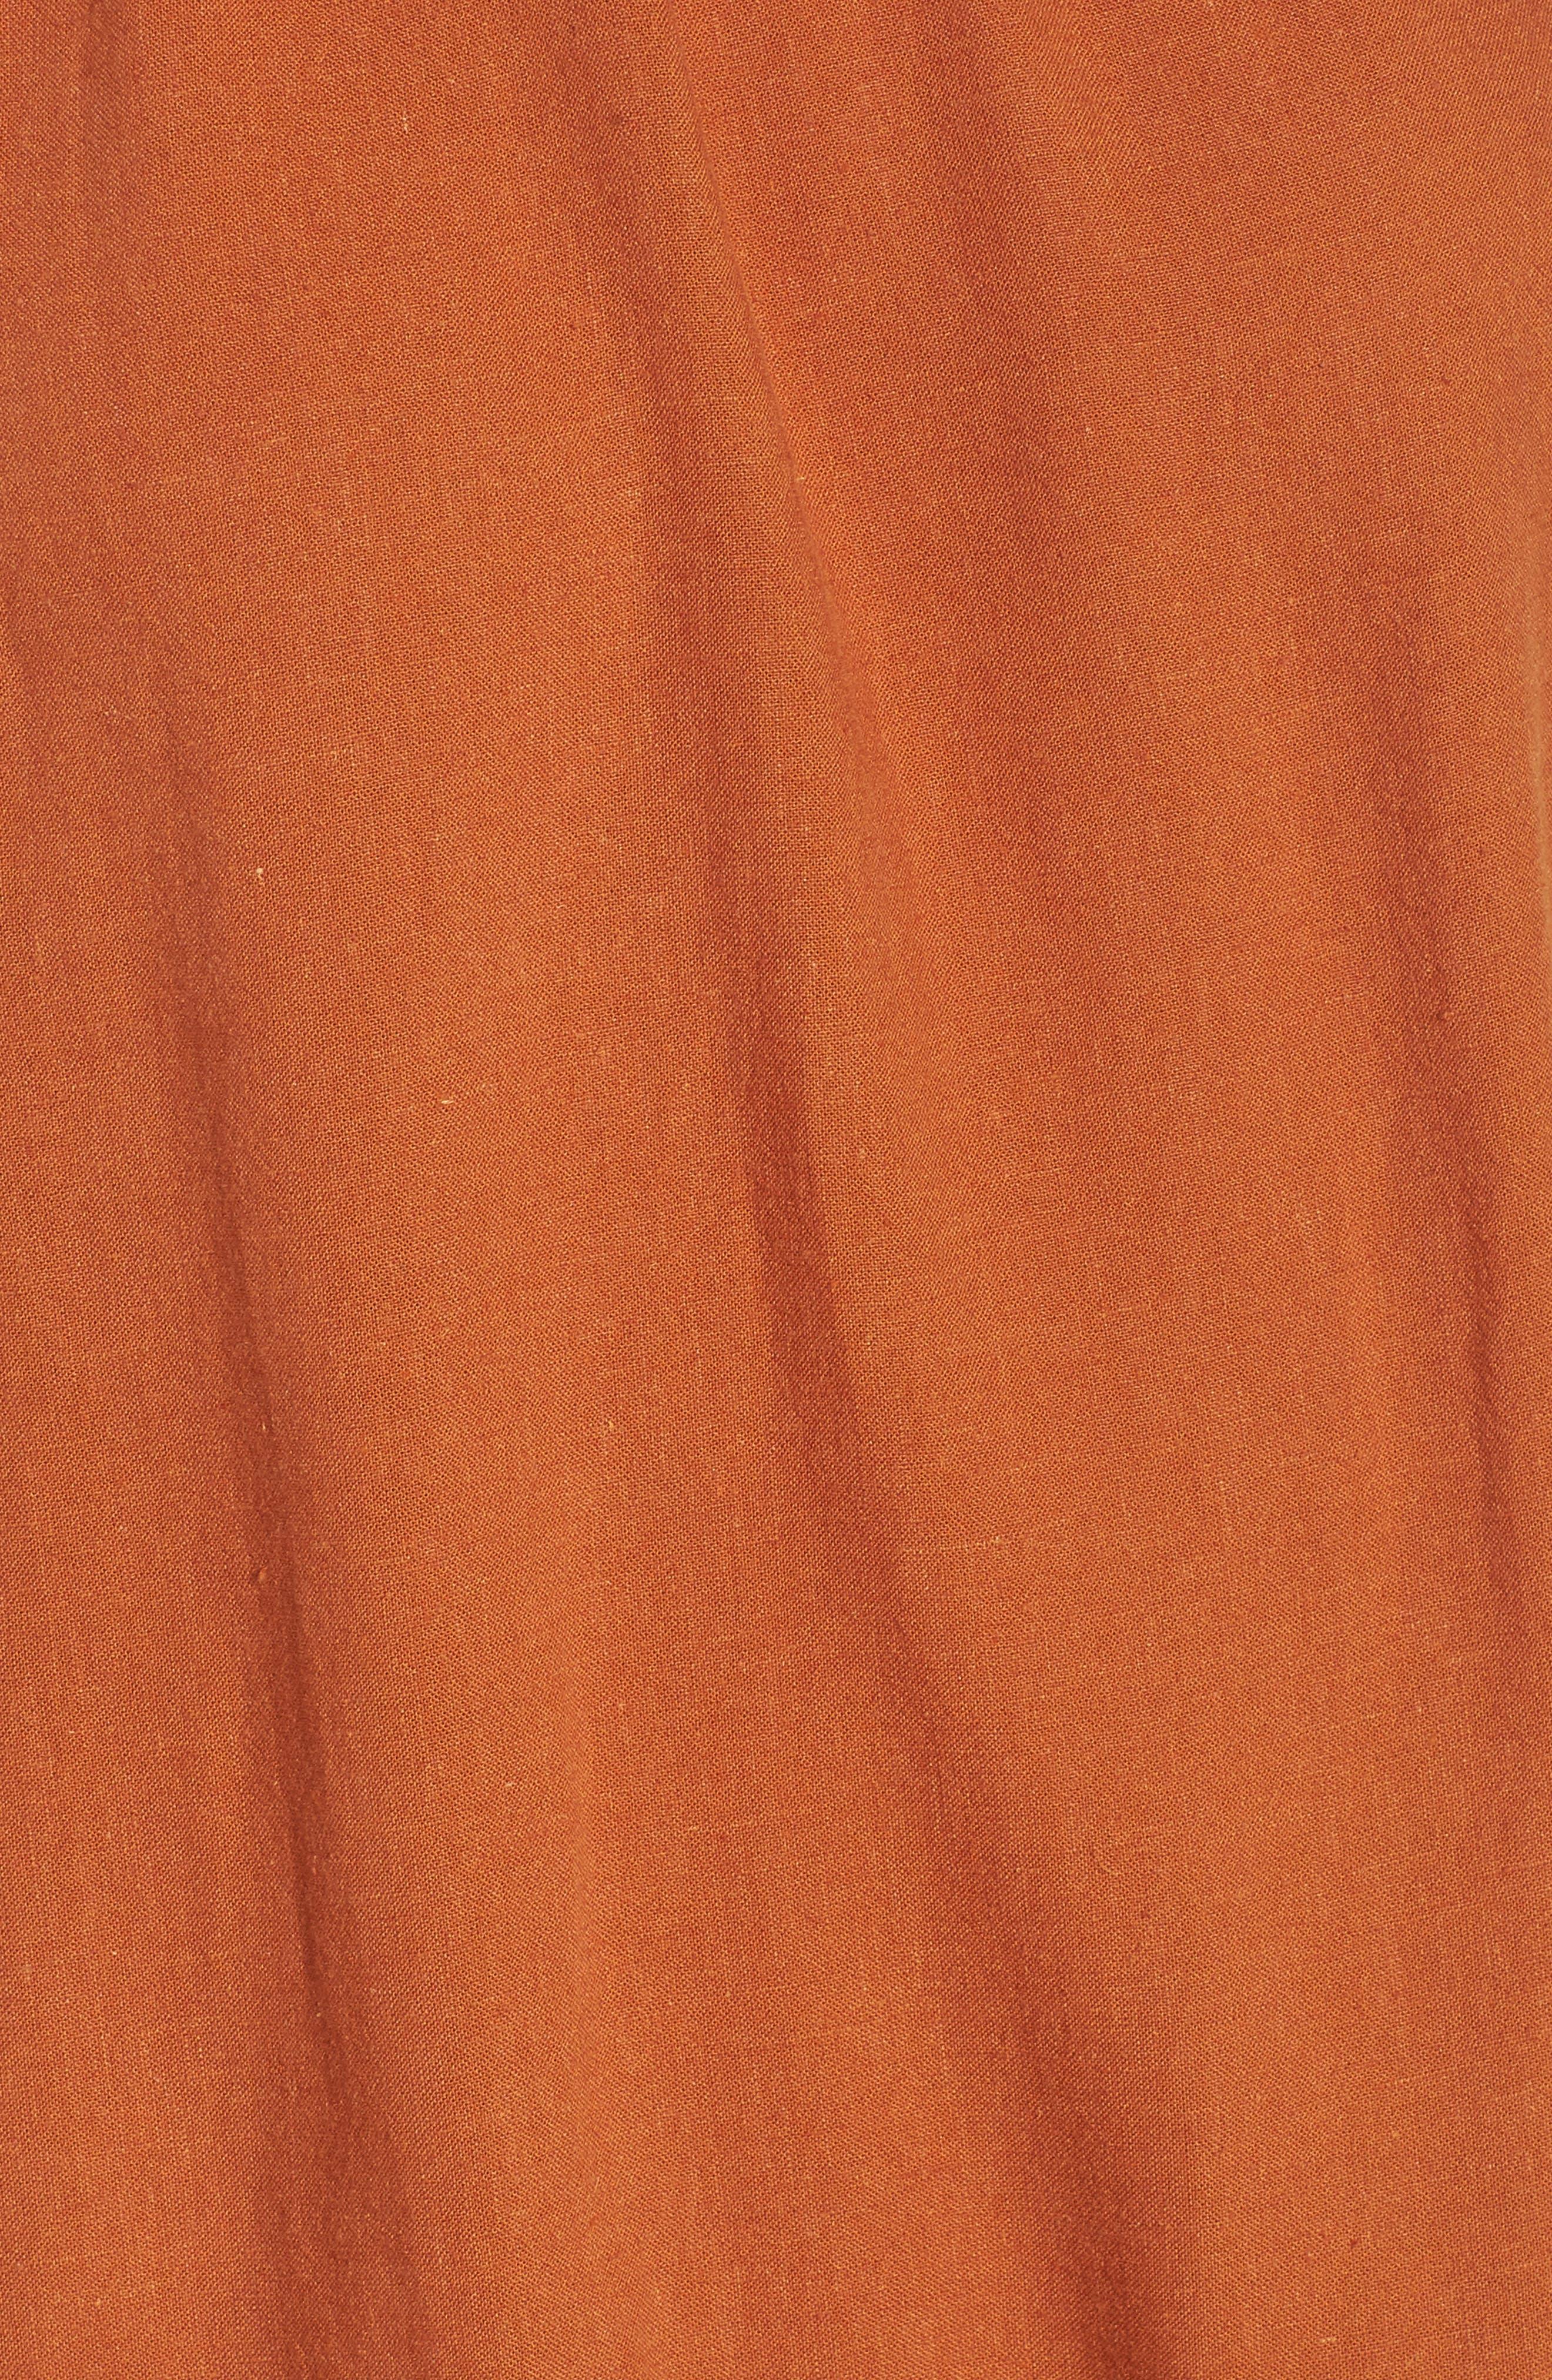 Asymmetrical Peplum Tank,                             Alternate thumbnail 6, color,                             Tan Adobe Cross Dye